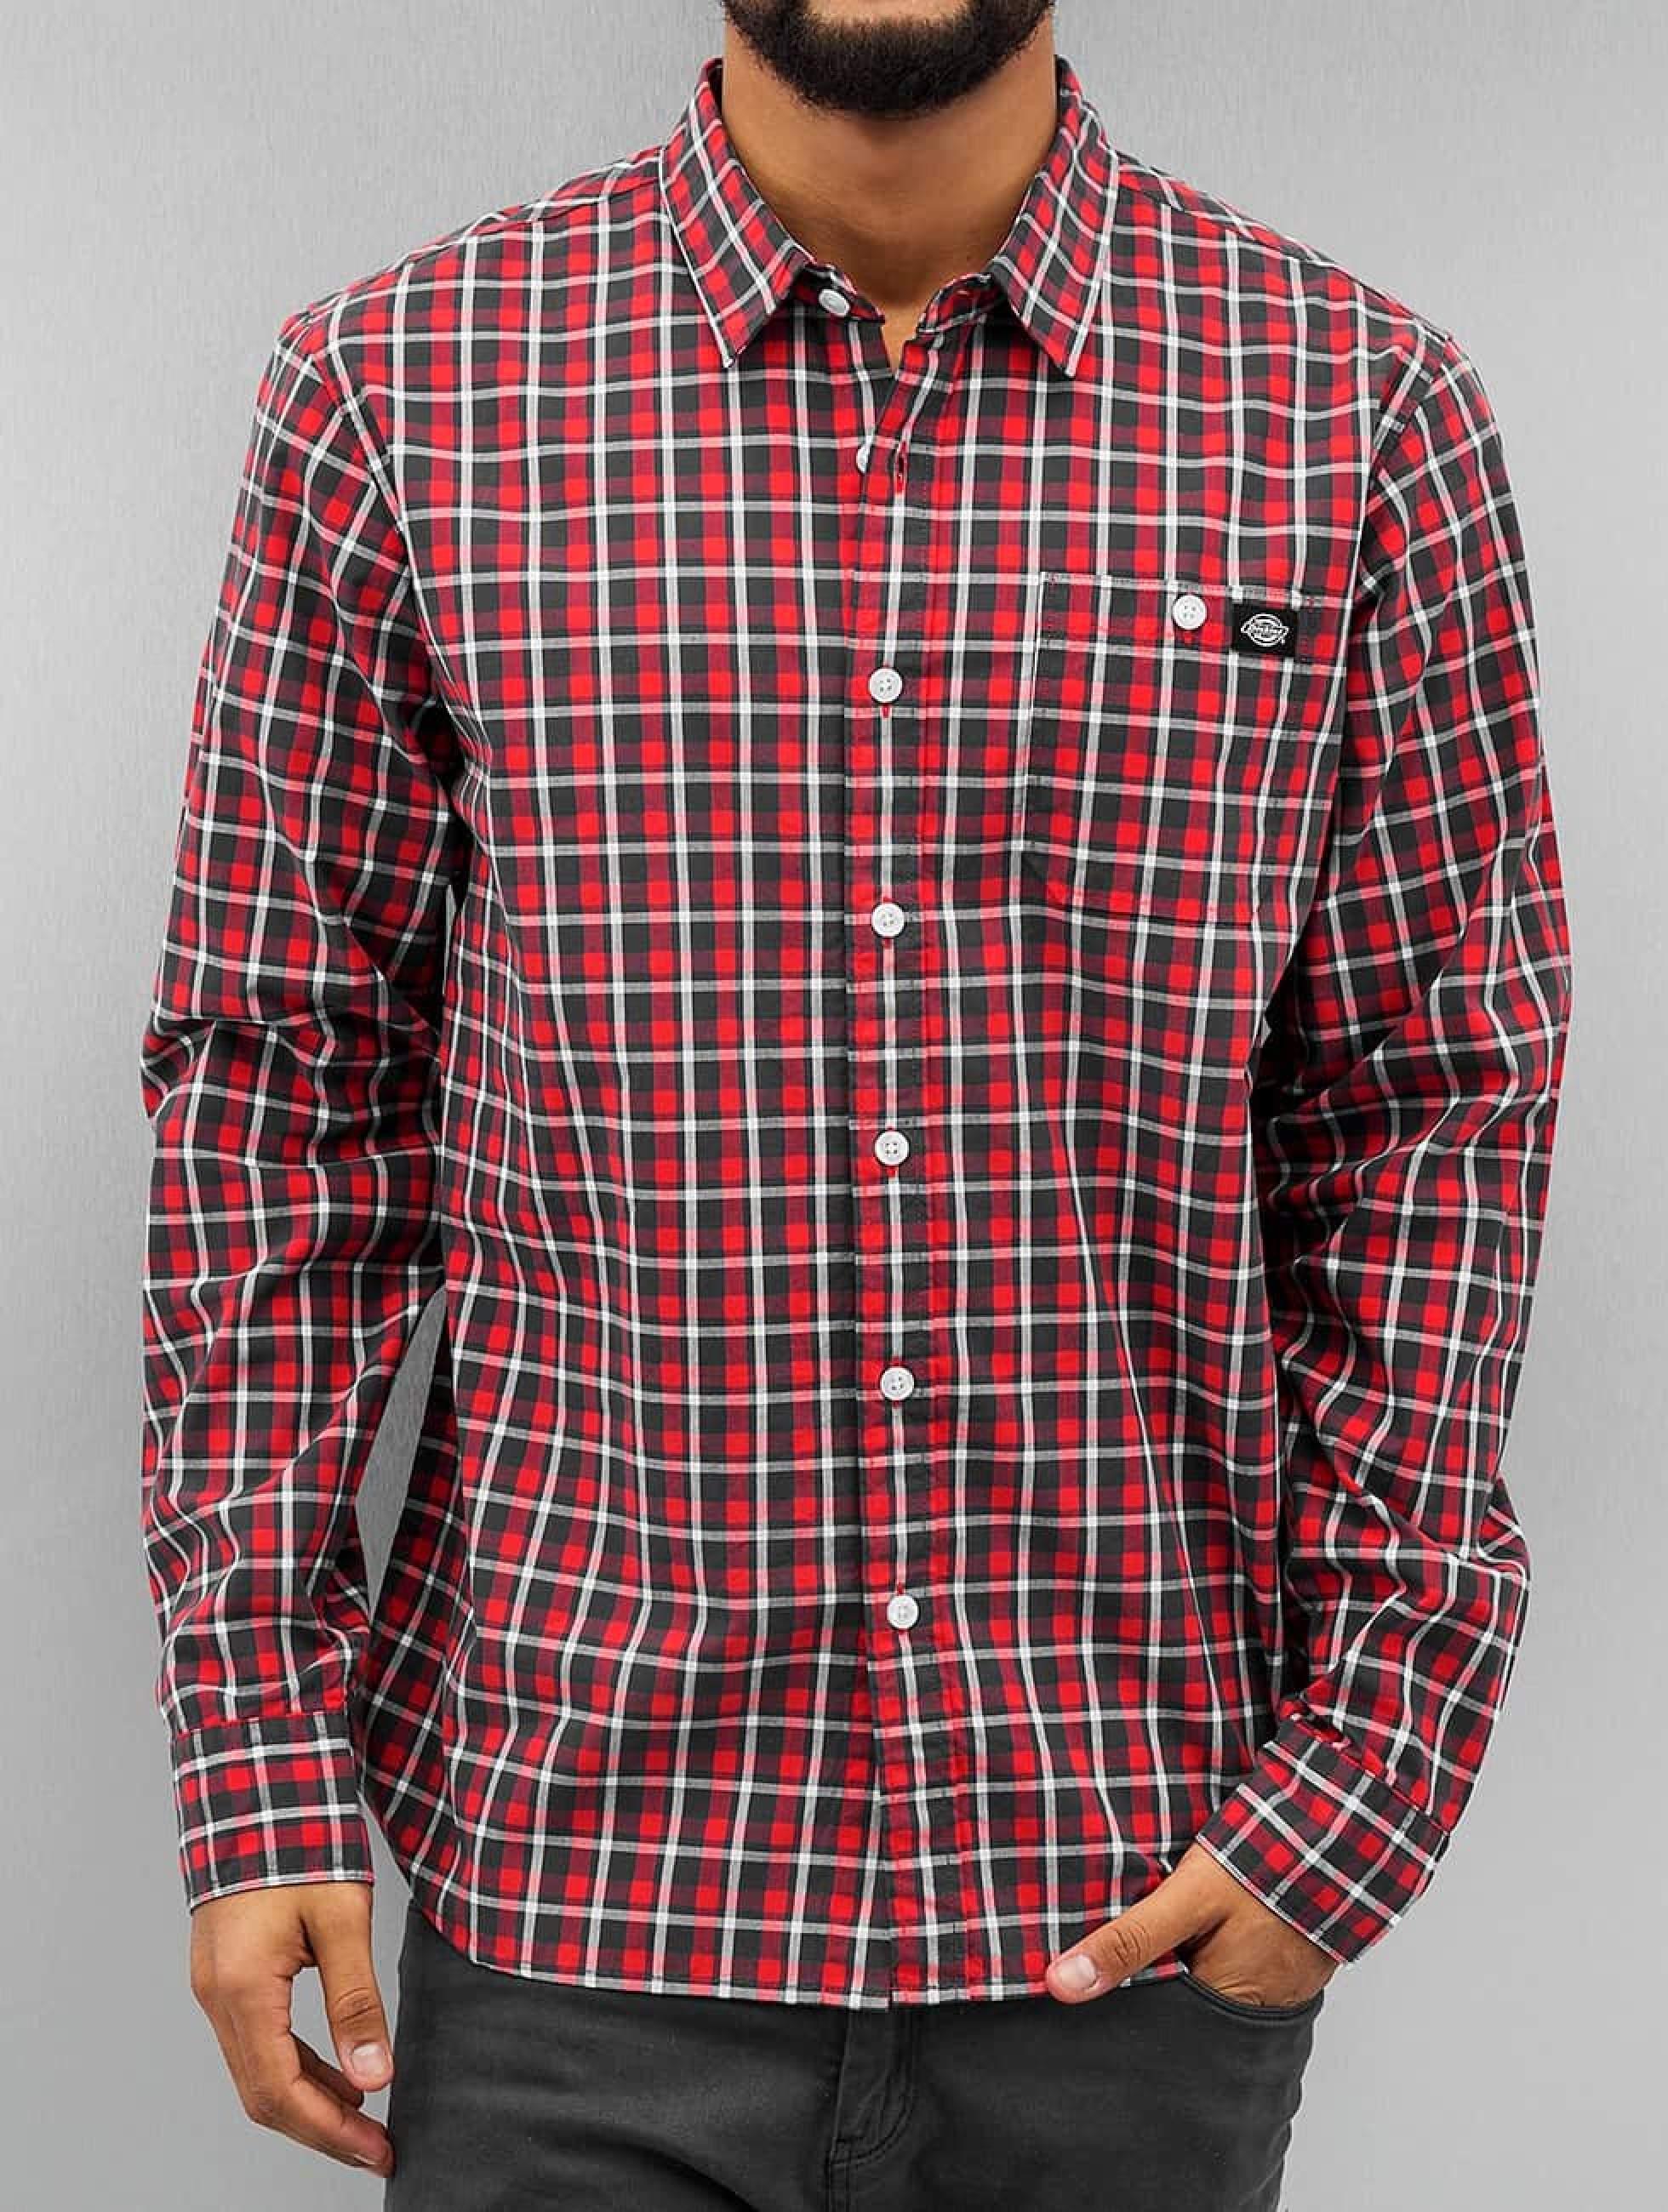 Dickies Männer Hemd Laytonville in rot